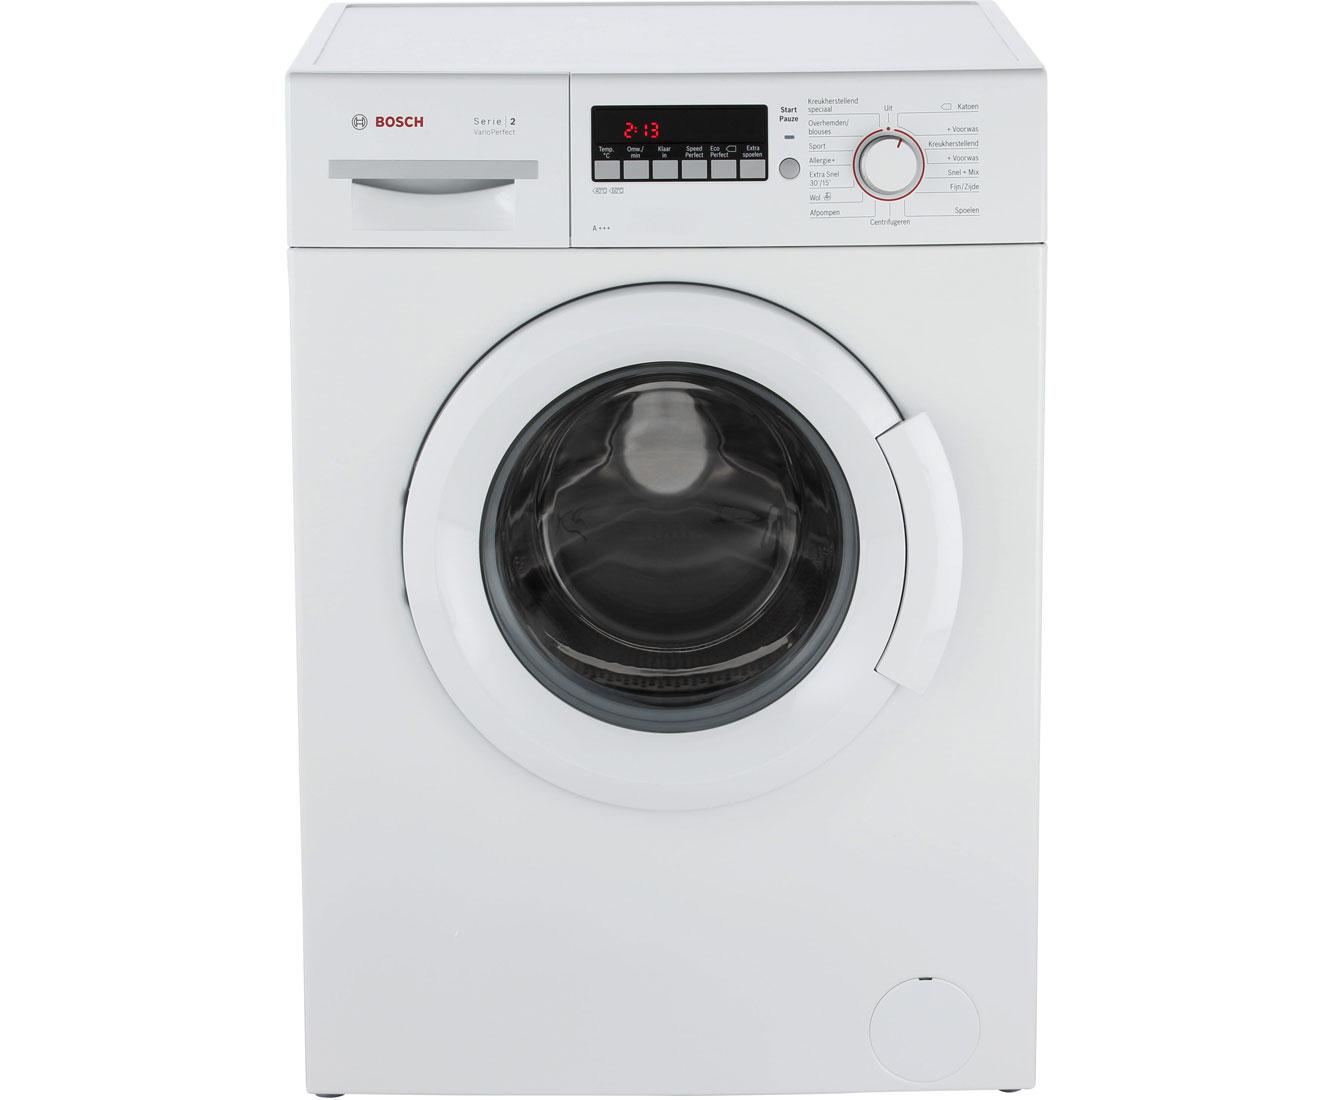 wasmachine van bosch wasmachine logixx 10 logixx 8 1 8 bosch serie 4 wasmachine huishoudelijke. Black Bedroom Furniture Sets. Home Design Ideas